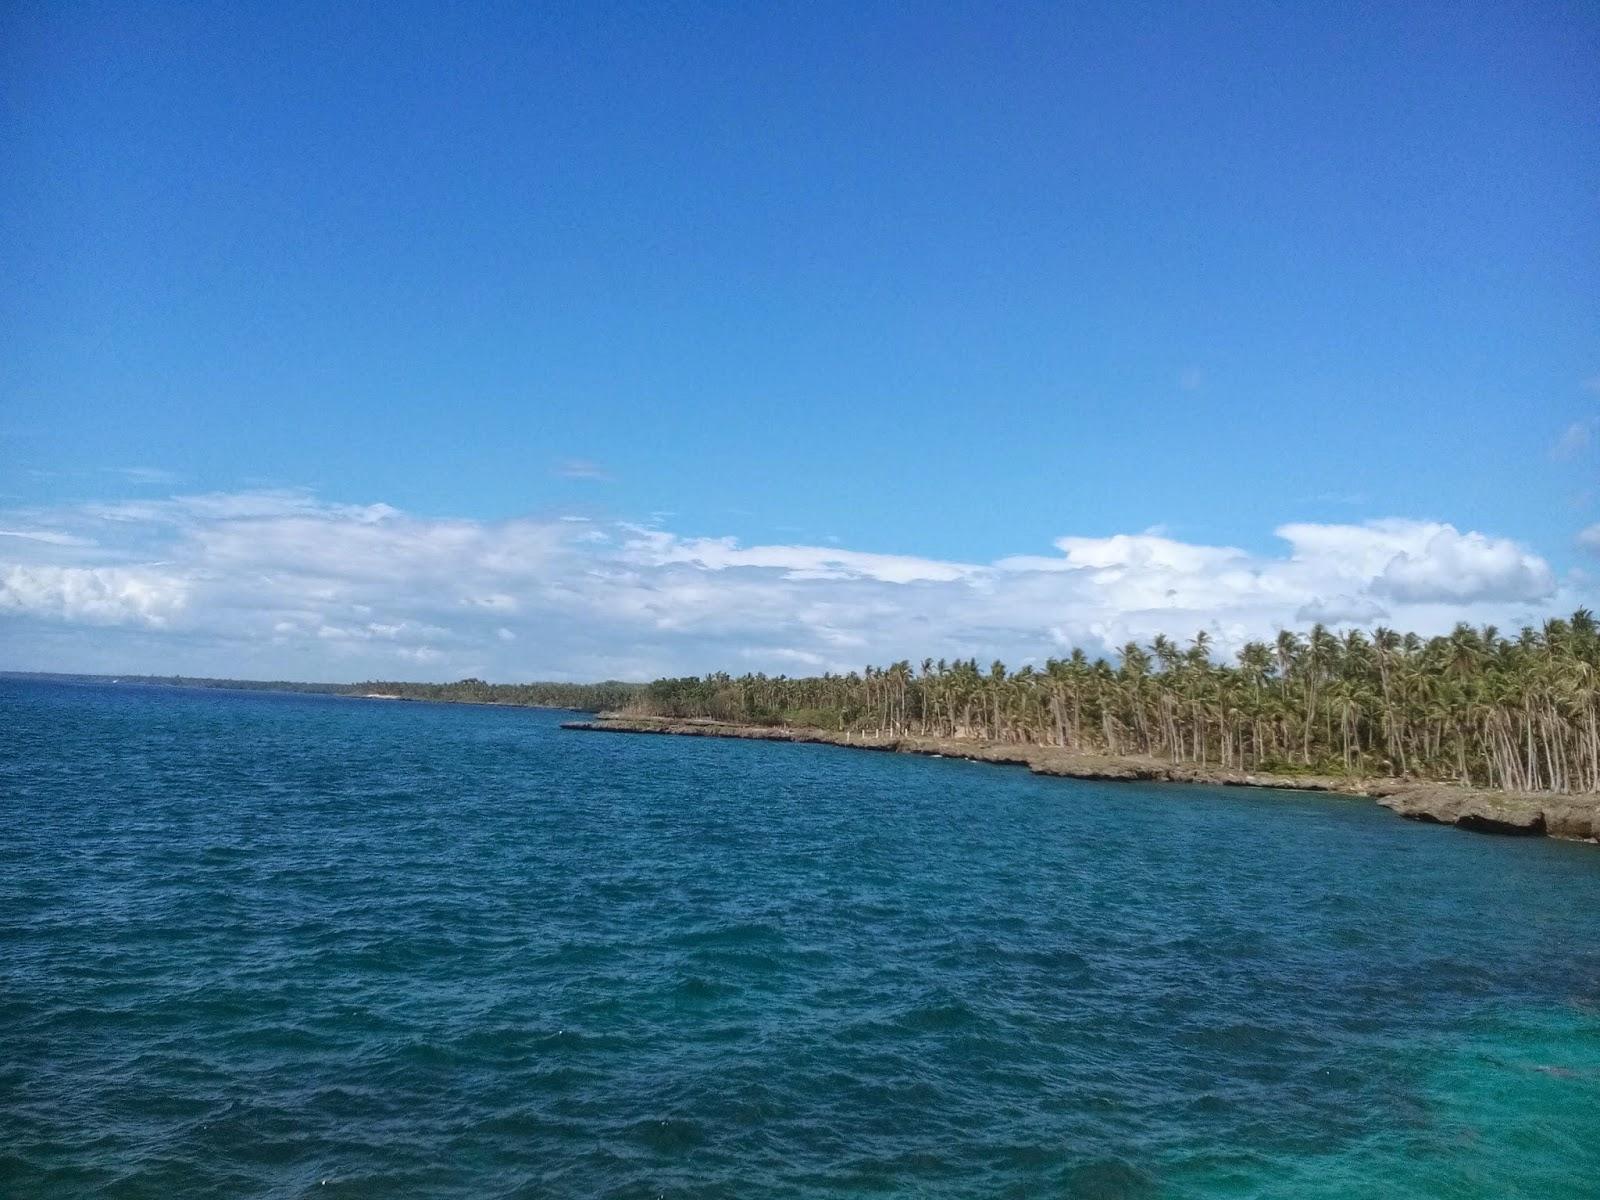 Consuelo Port, Camotes, Cebu